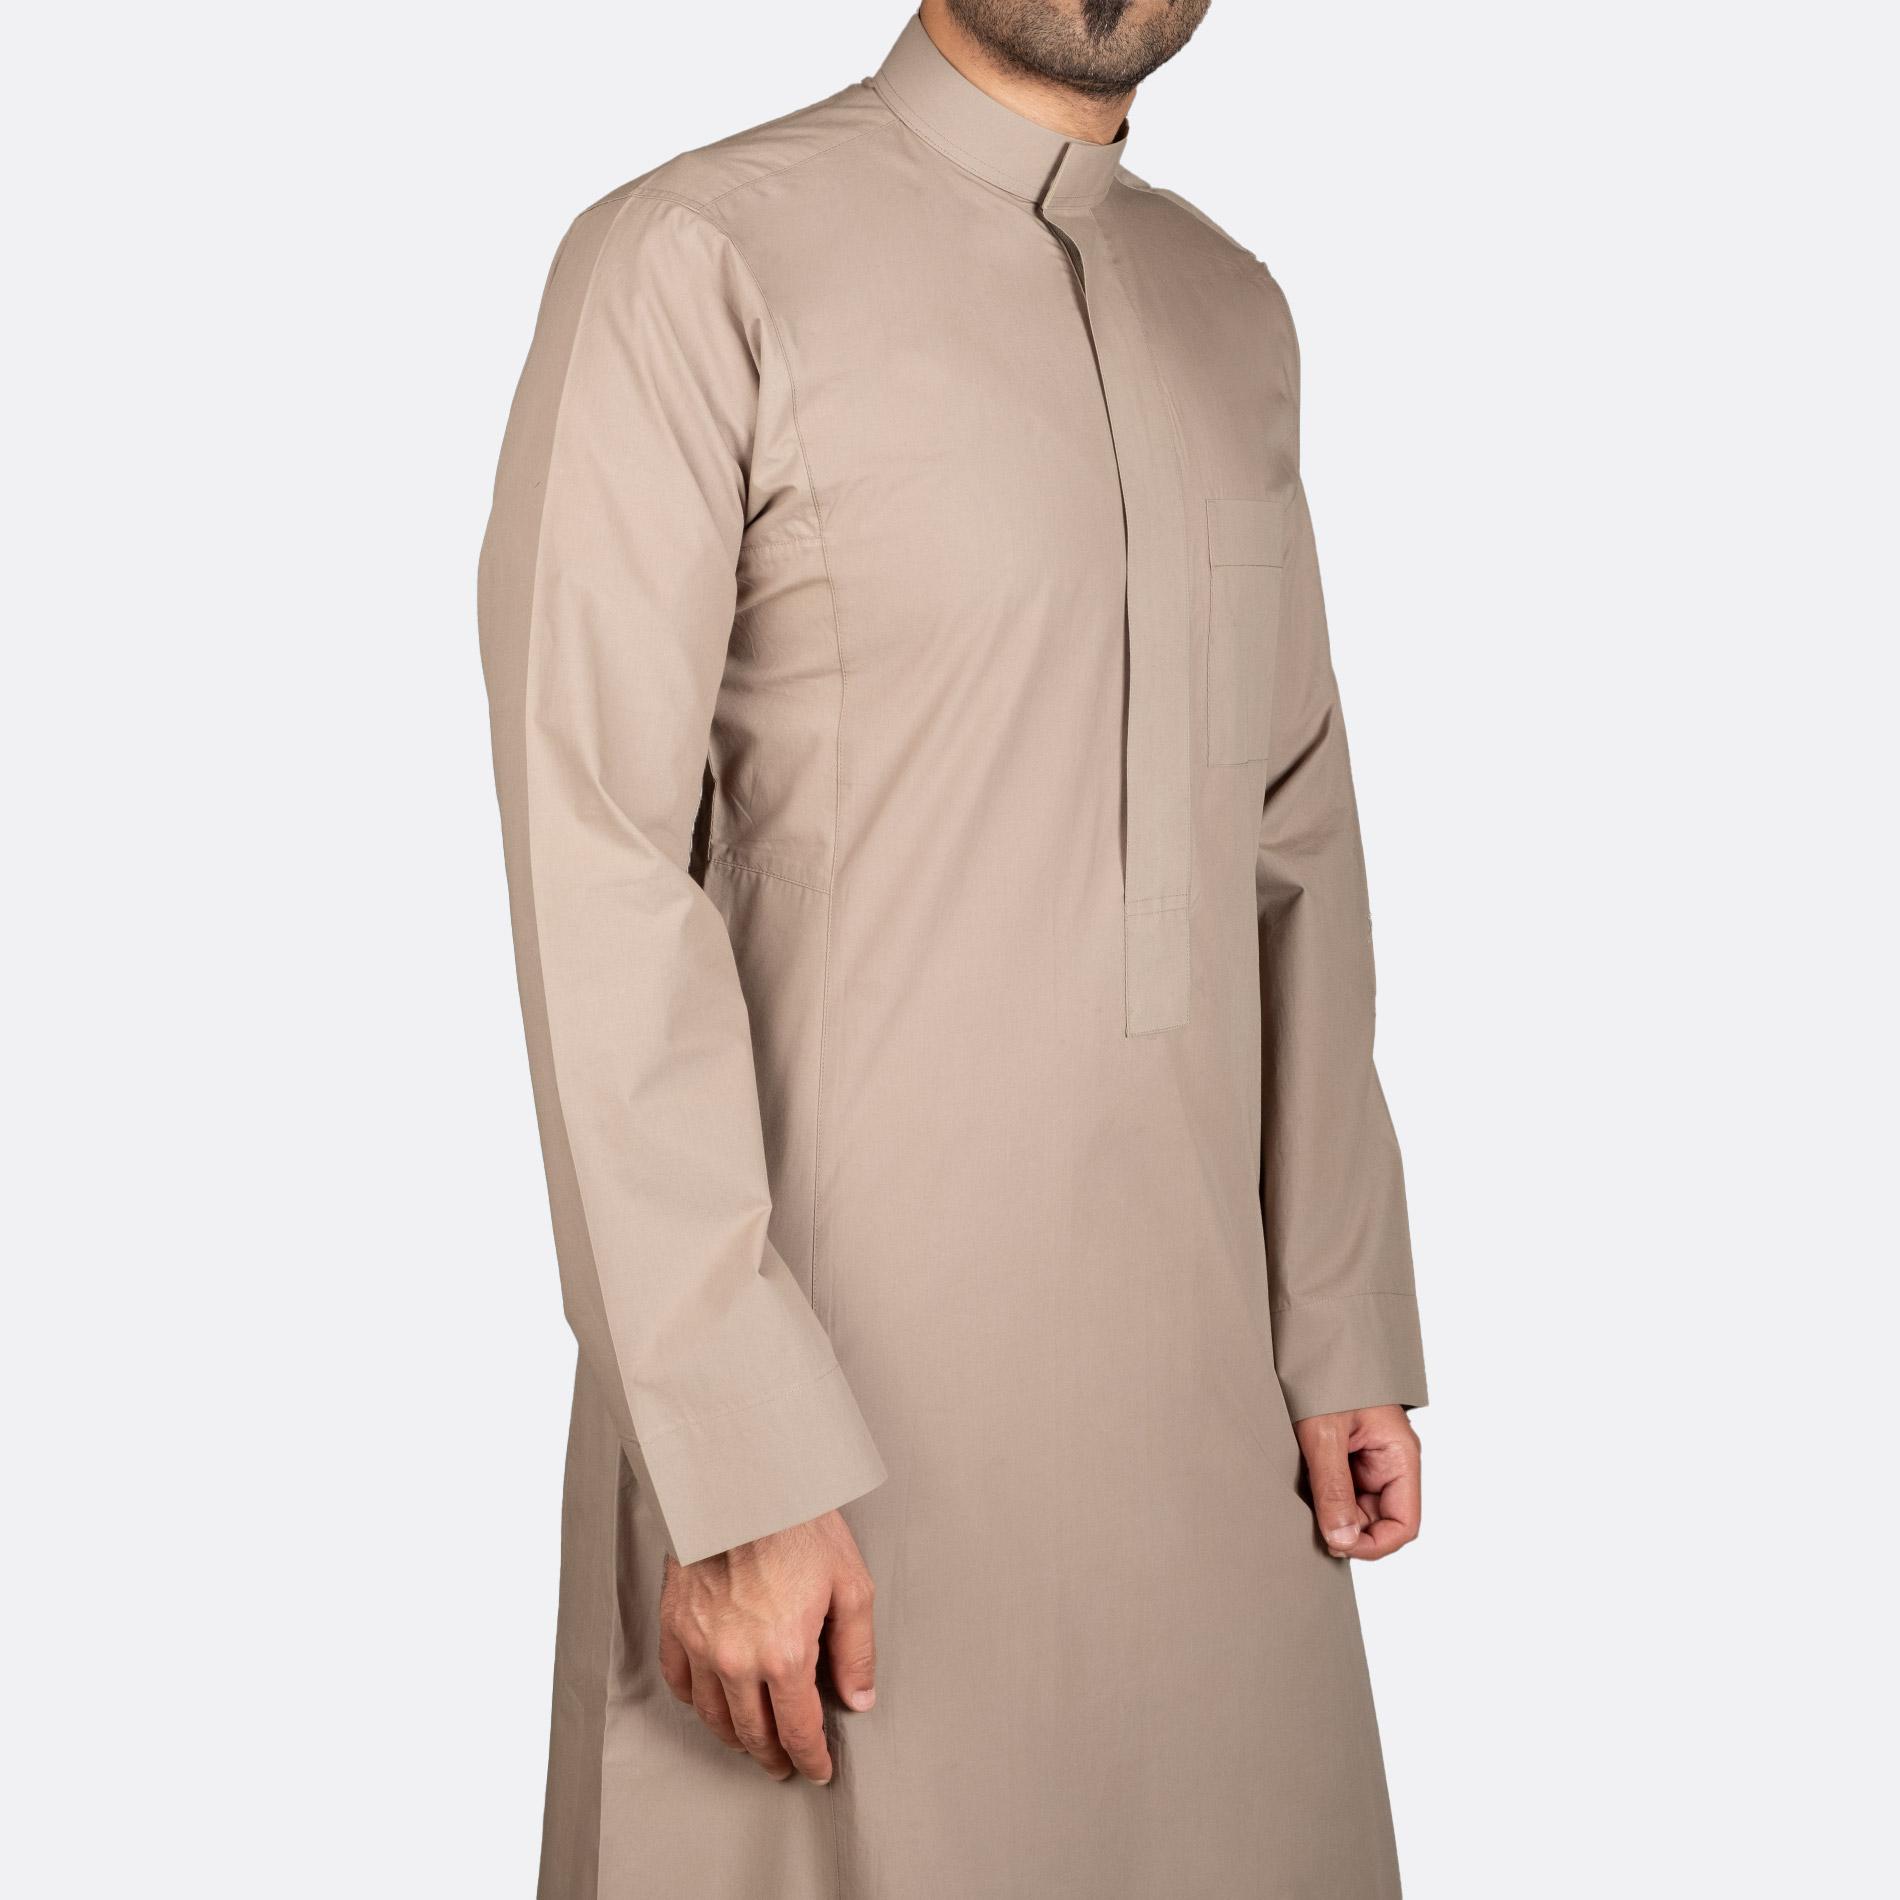 ثوب كلاسيكي قطن زيتوني سحاب